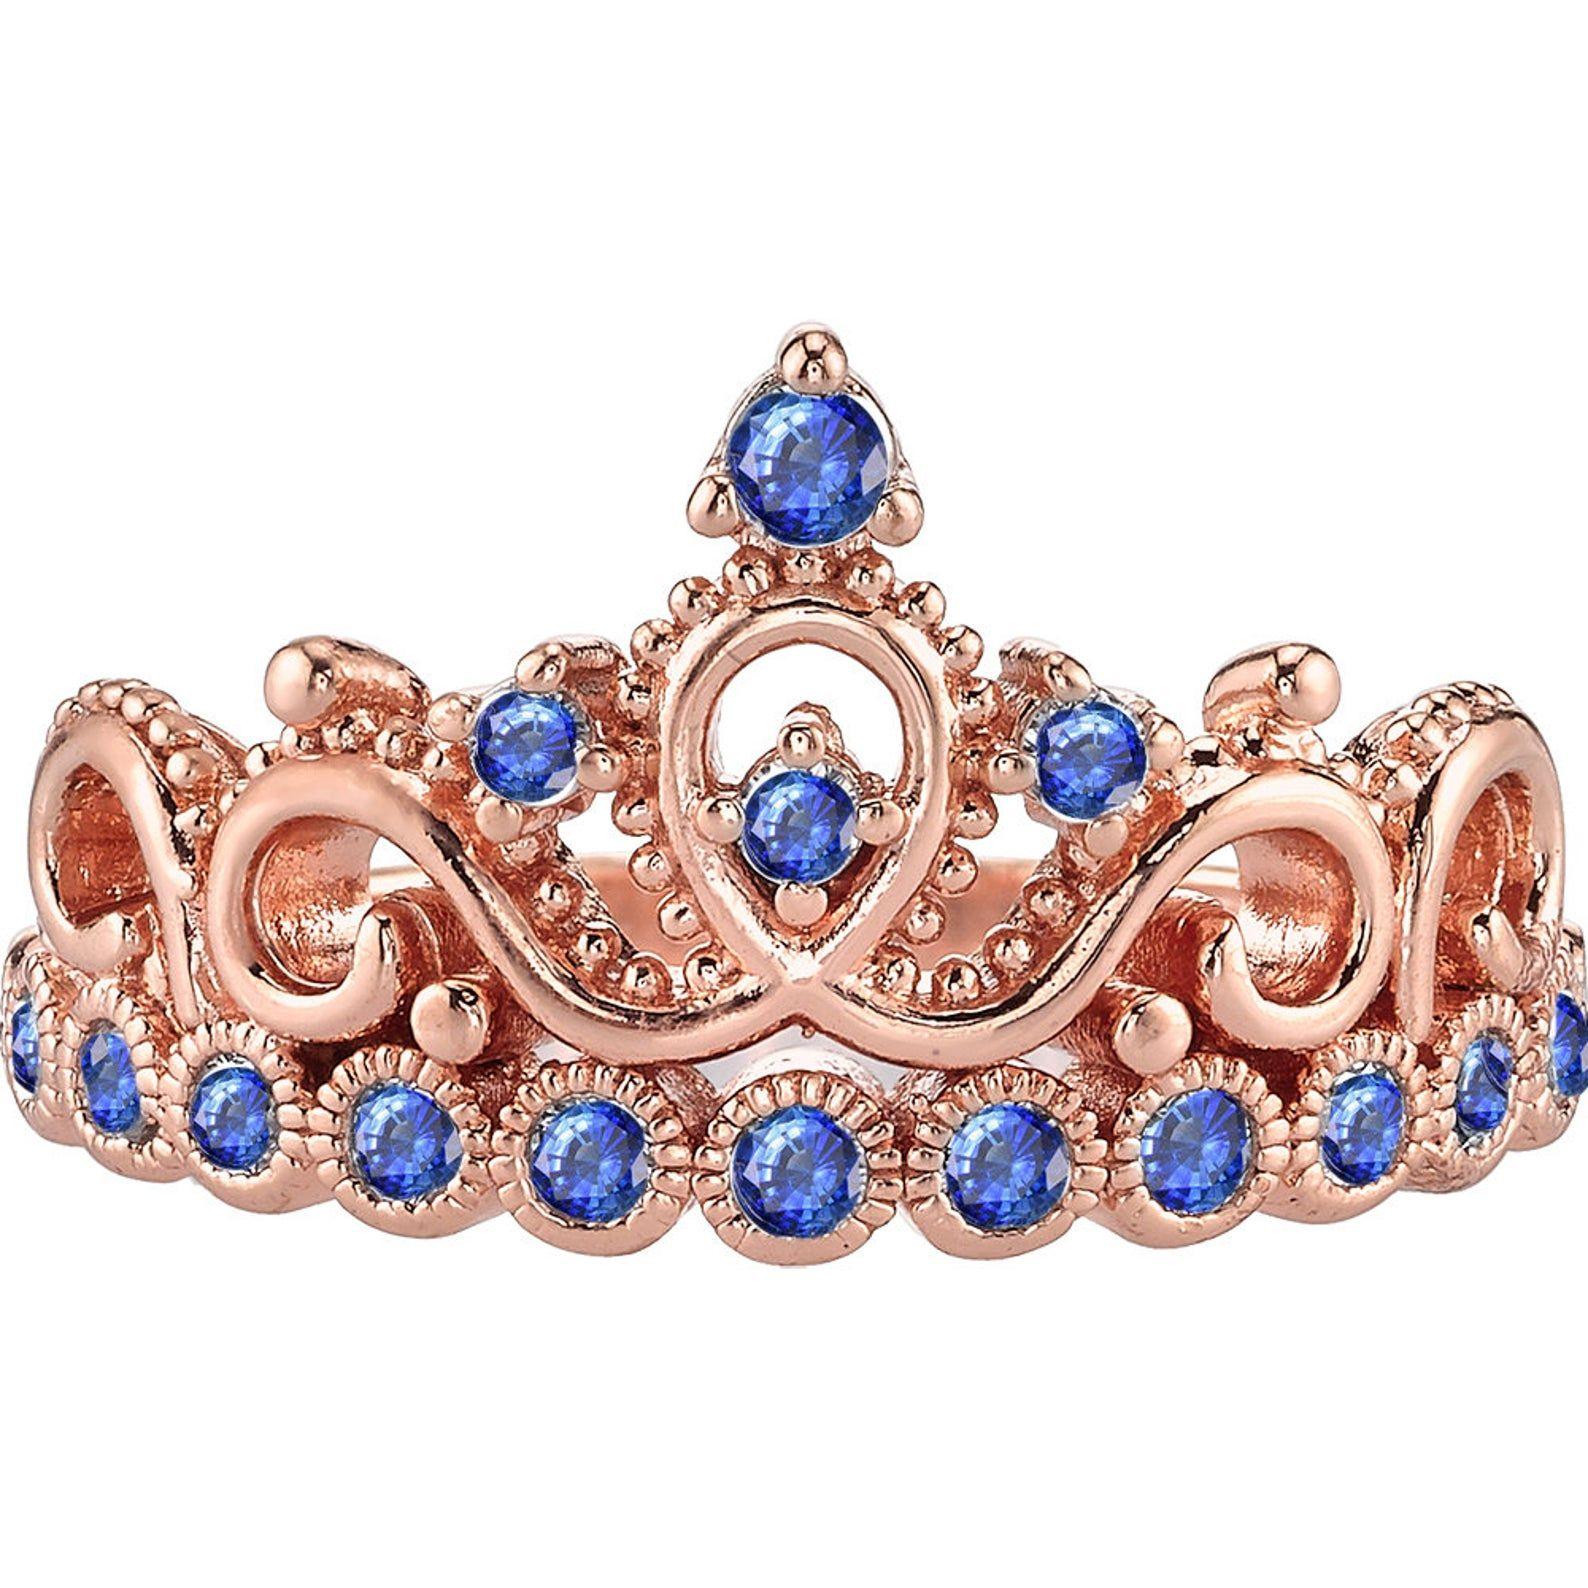 14K Rose Gold Gemstone Princess Crown Ring Etsy in 2020